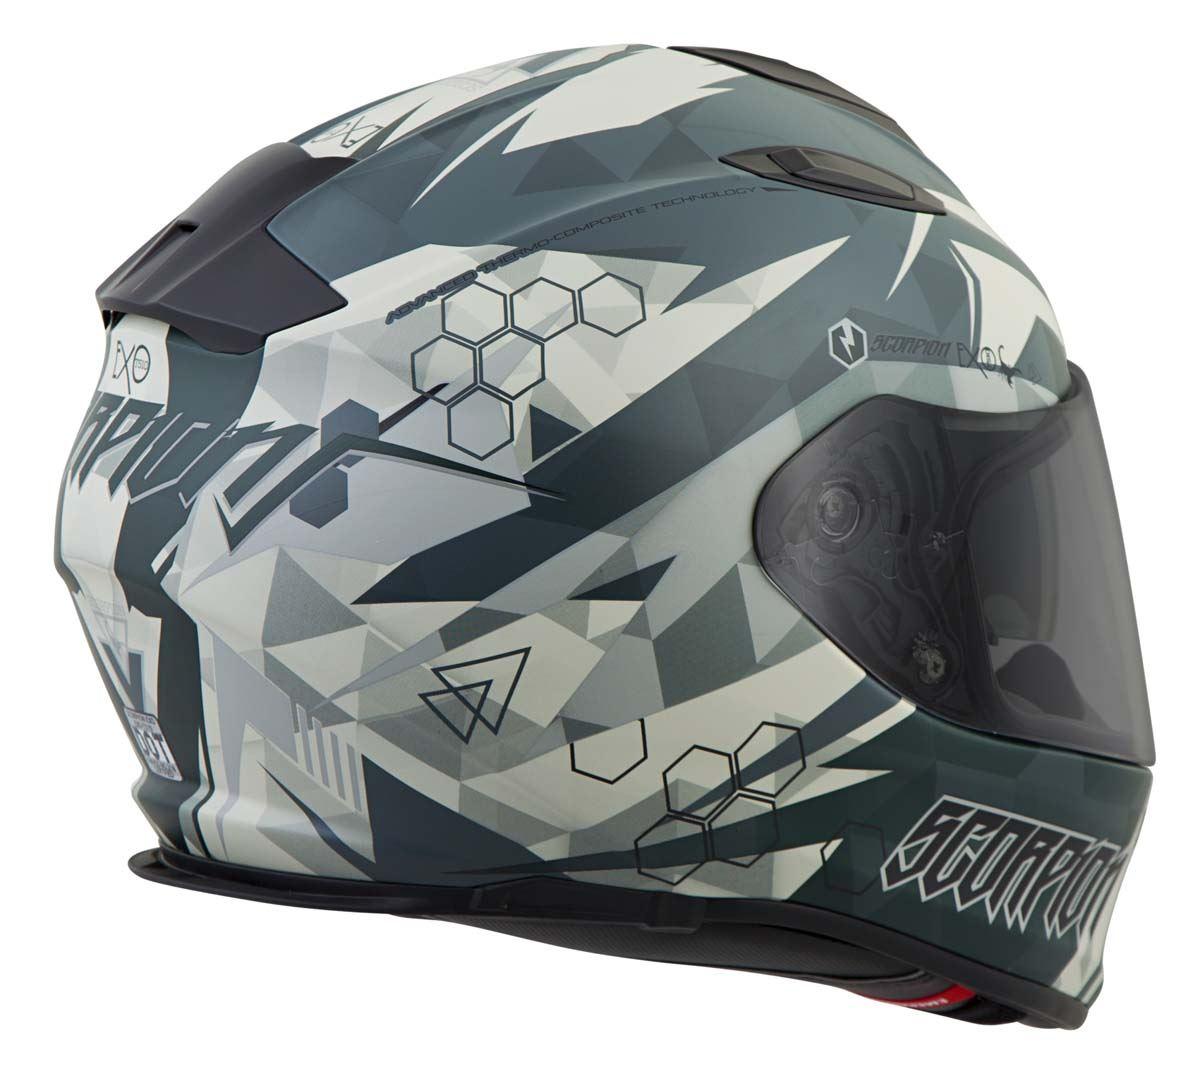 Scorpion-EXO-T510-Helmet-Full-Face-DOT-Approved-Inner-Sun-Shield miniature 60